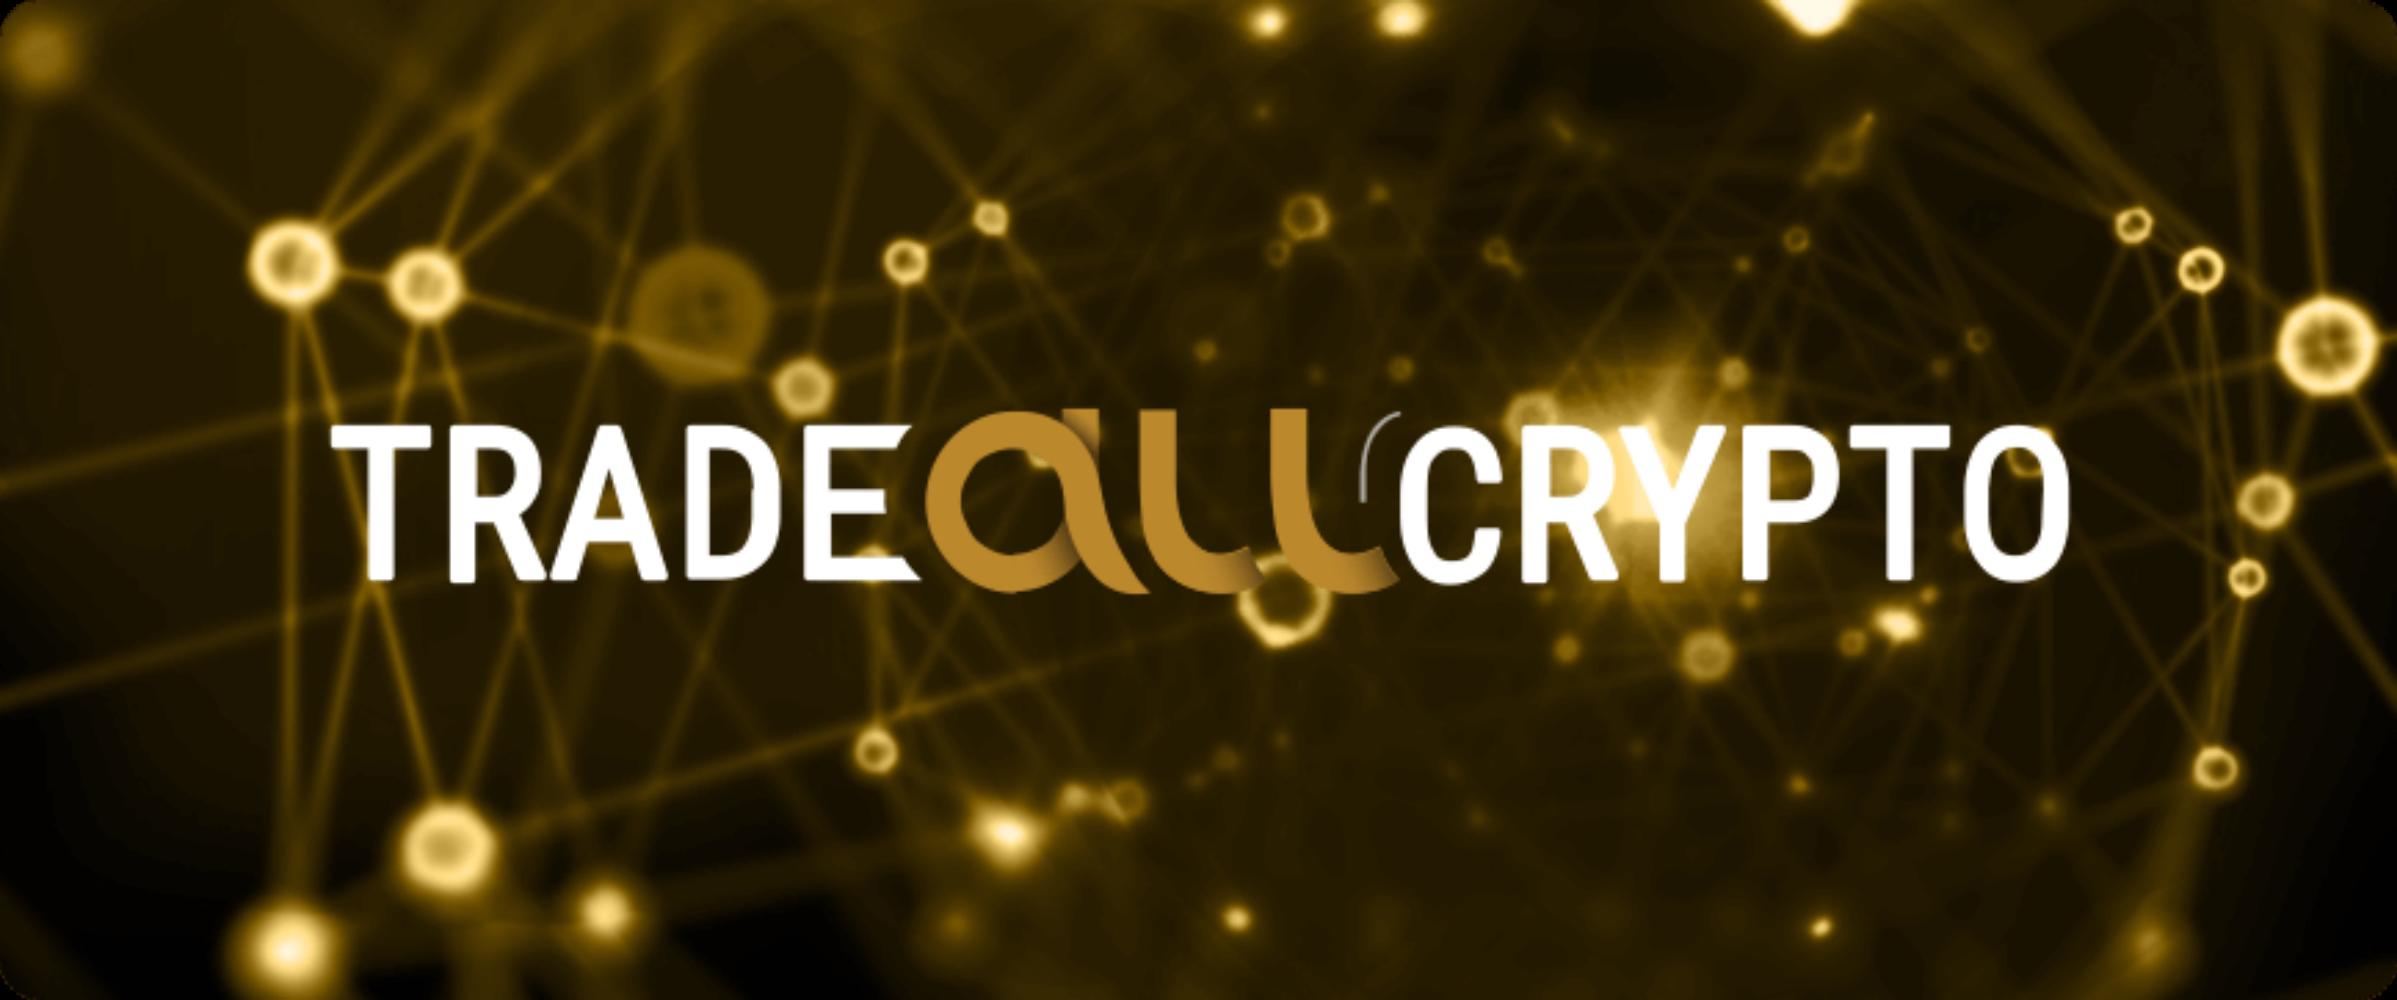 TradeAllCrypto отзывы: обманщик или честный брокер